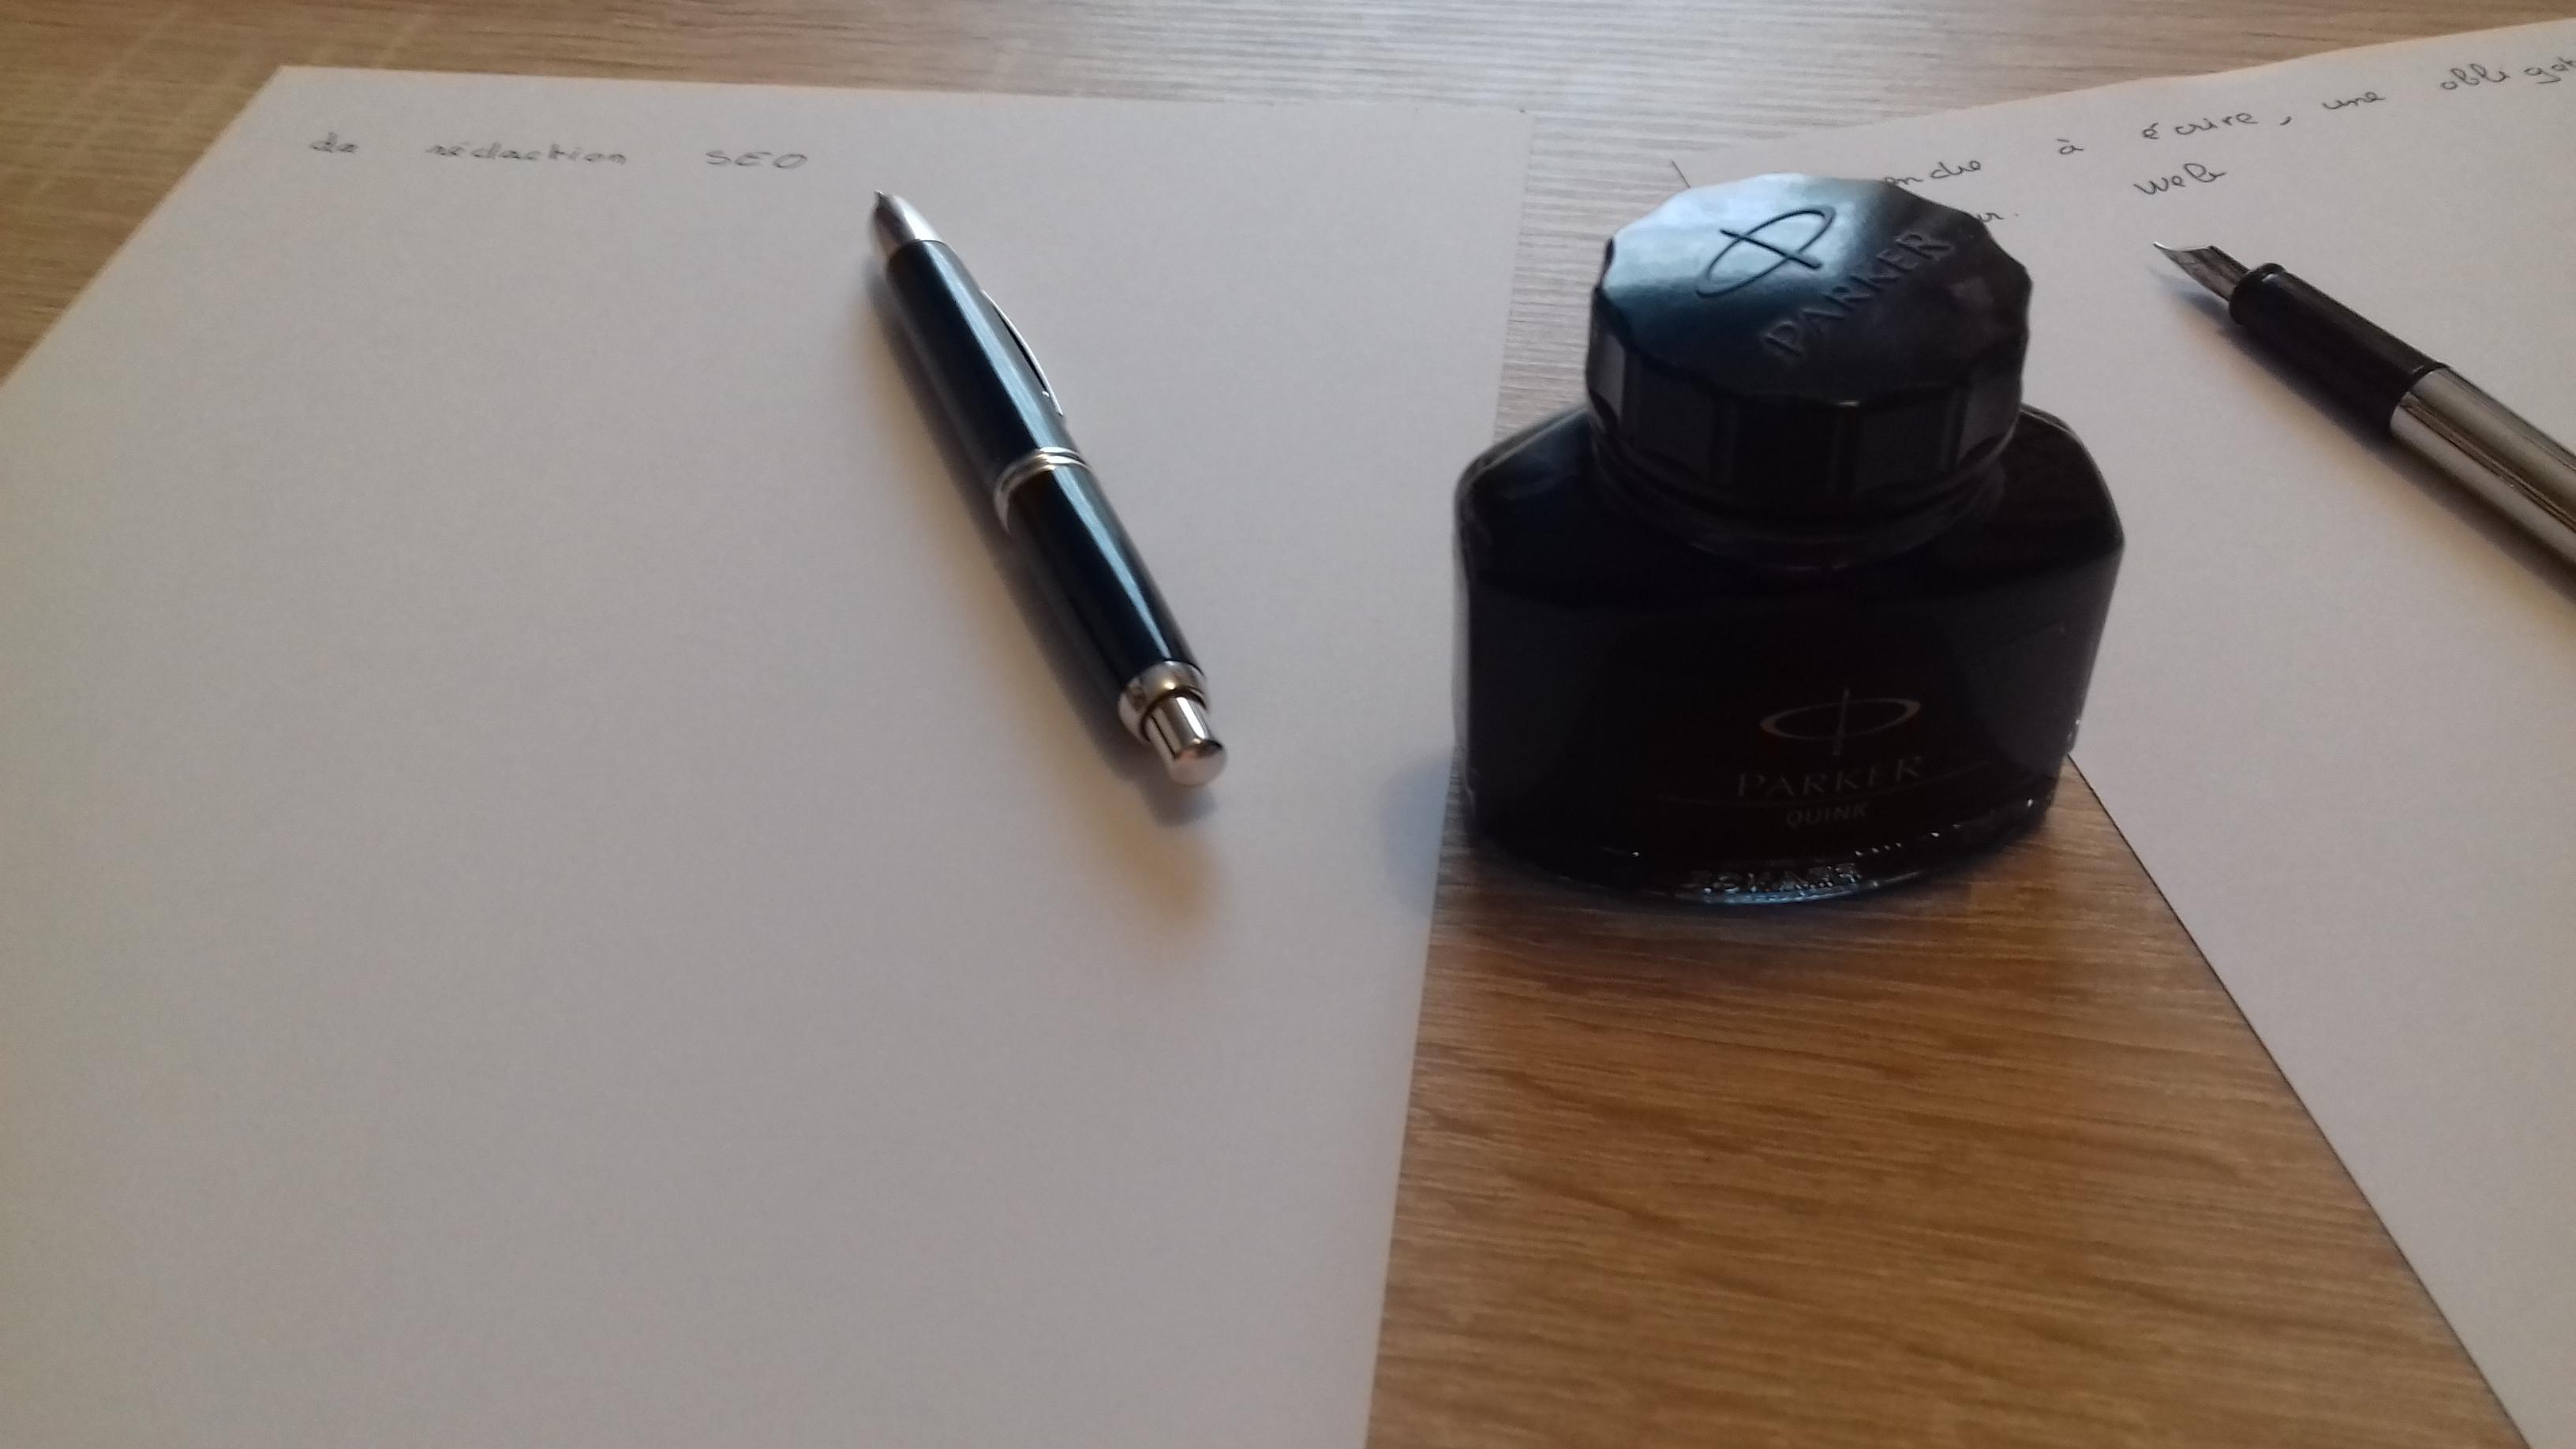 Le rédacteur web, un habitué de l'écriture manuscrite ?